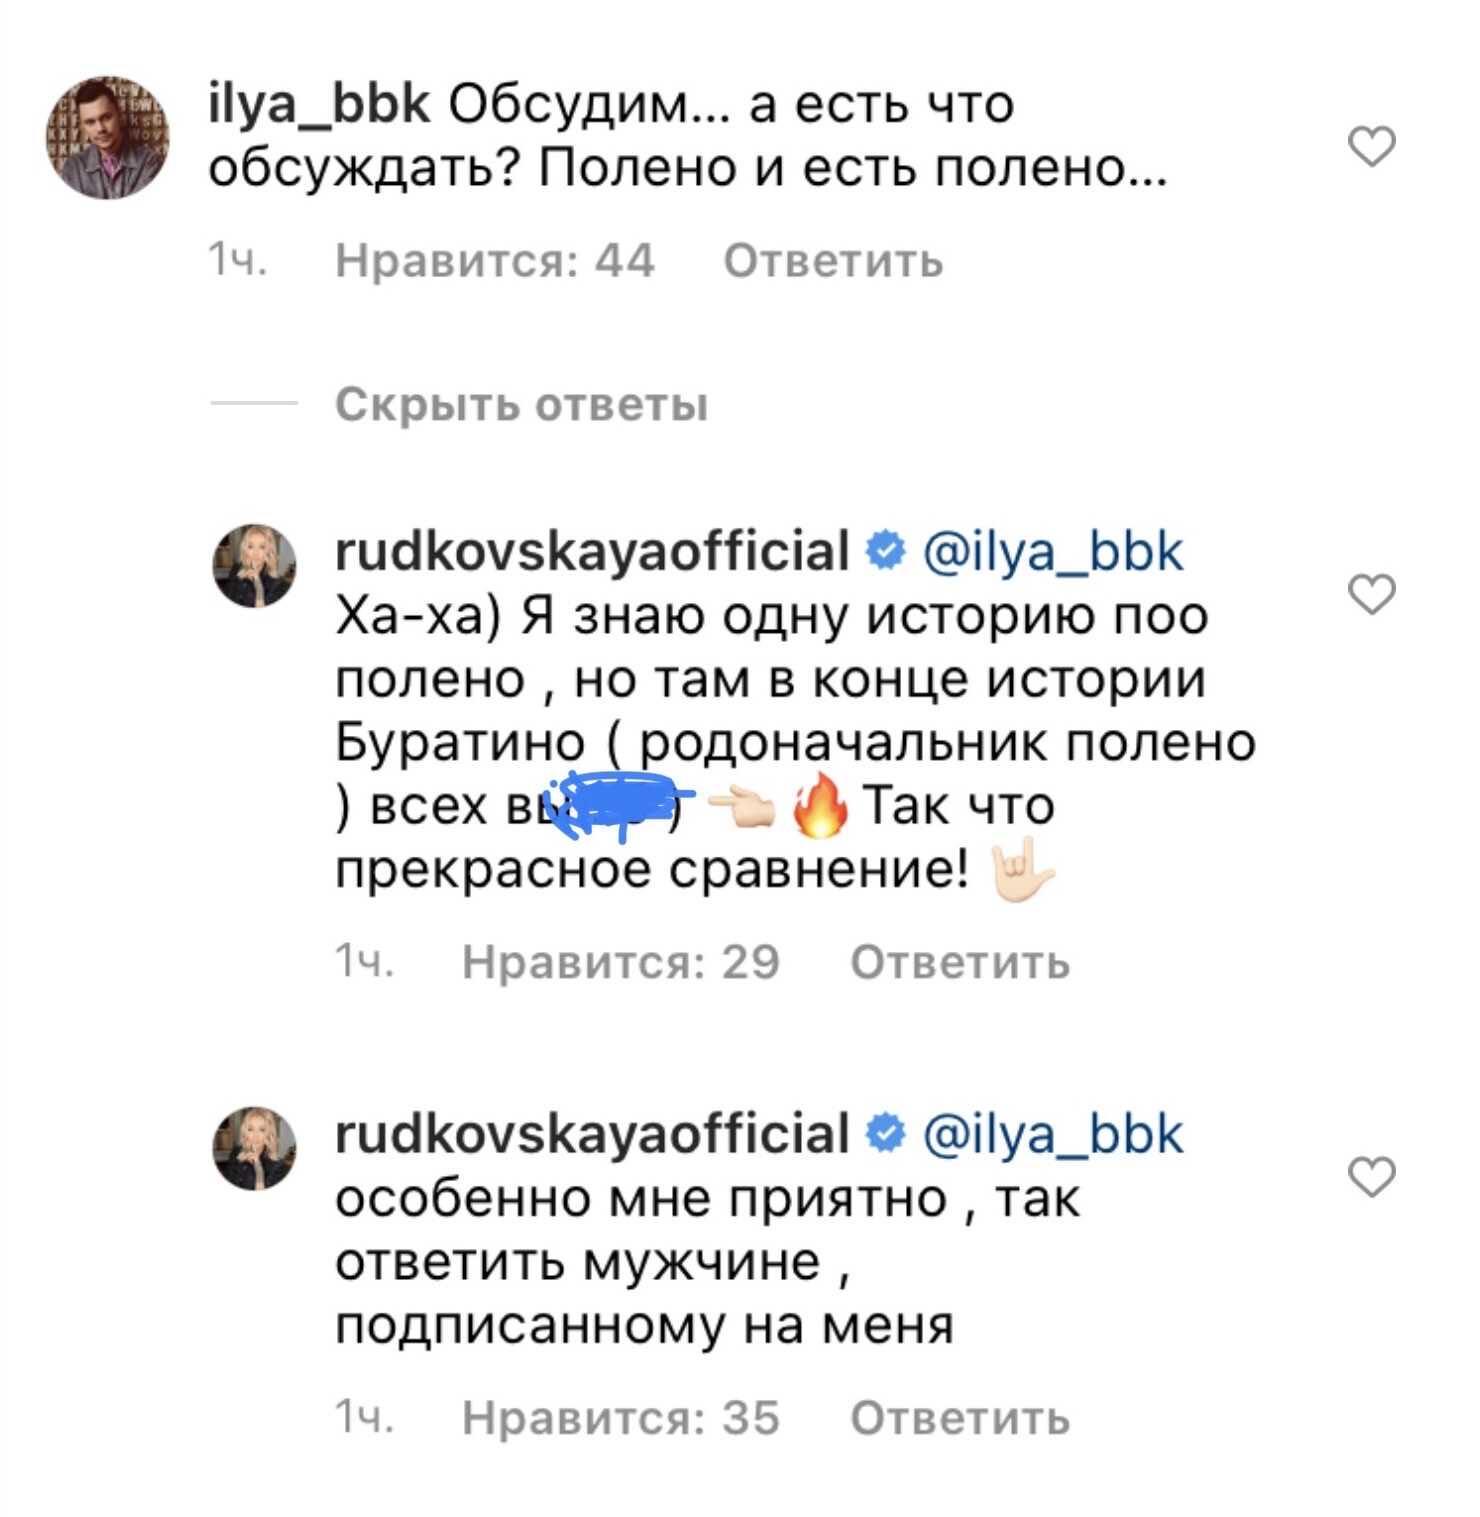 Яна Рудковская колко и нецензурную ответила подписчику, сравнившему её с поленом